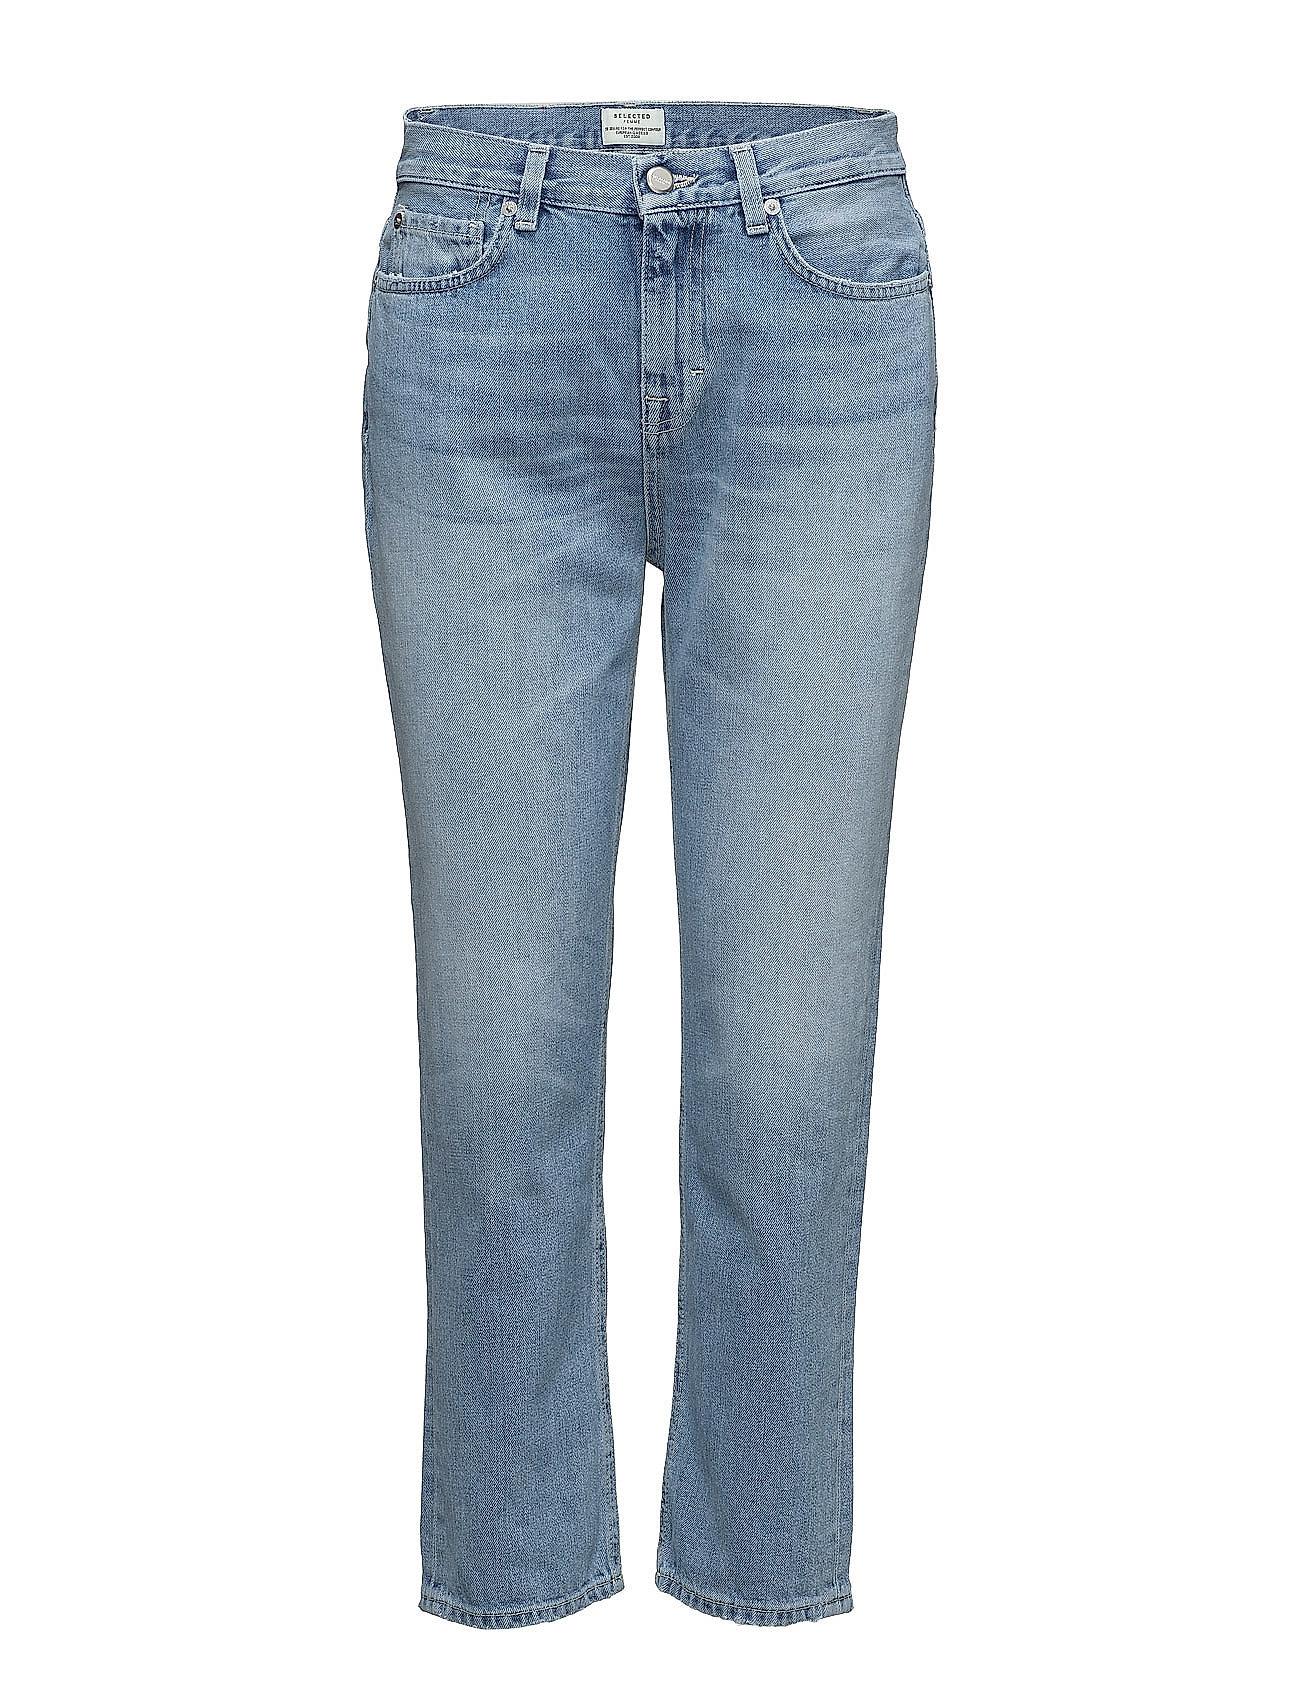 Sfnoa Mr Crop Boyfriend Bright Authentic Selected Femme Jeans til Kvinder i